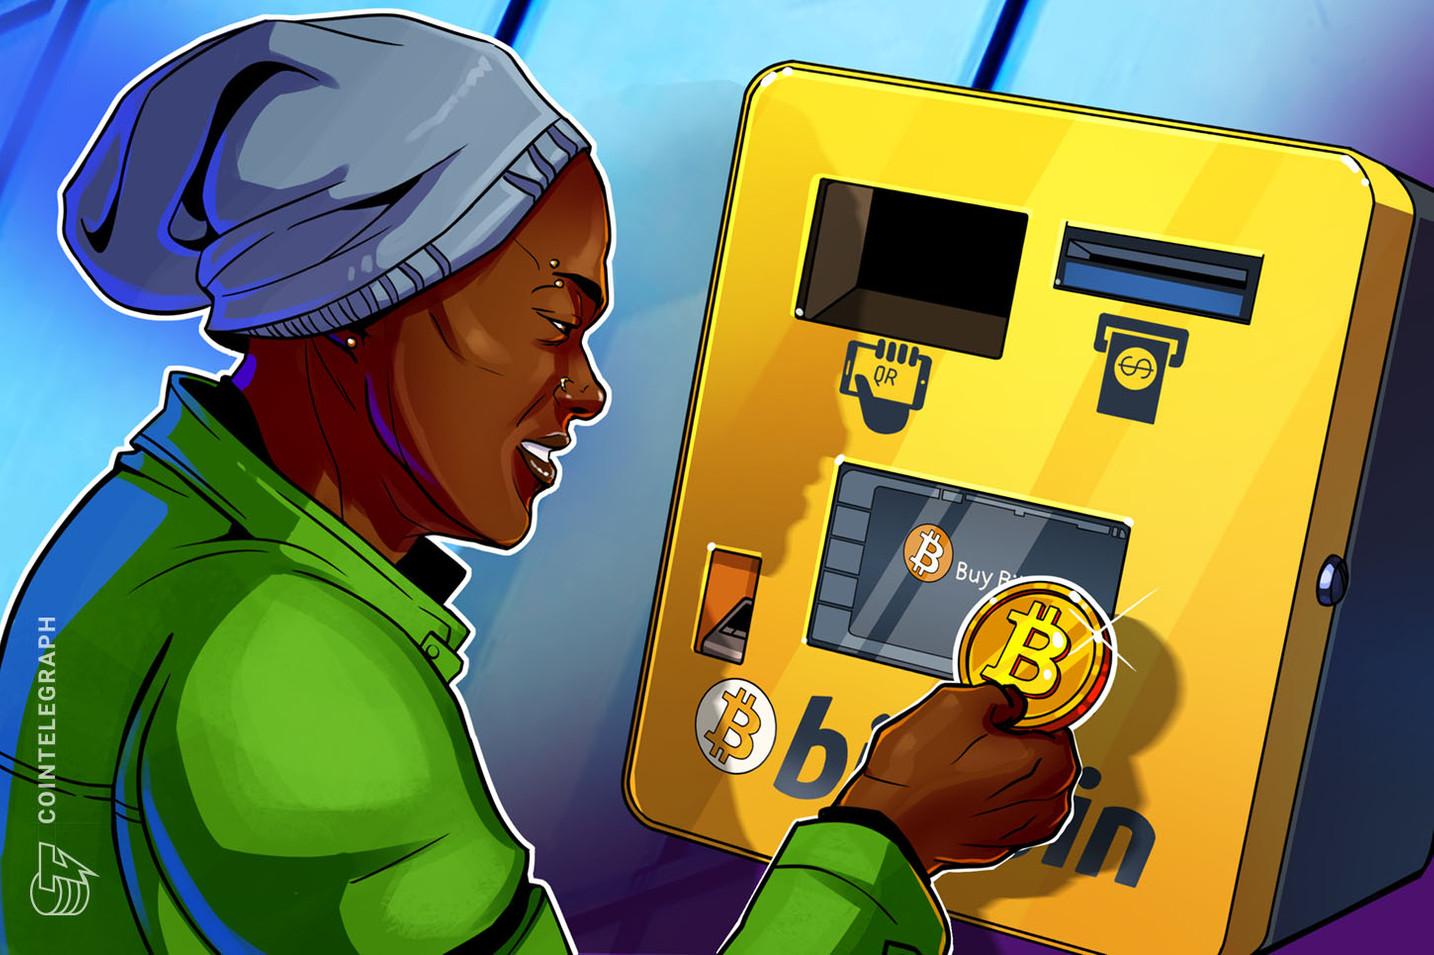 Honduras gets its first Bitcoin ATM